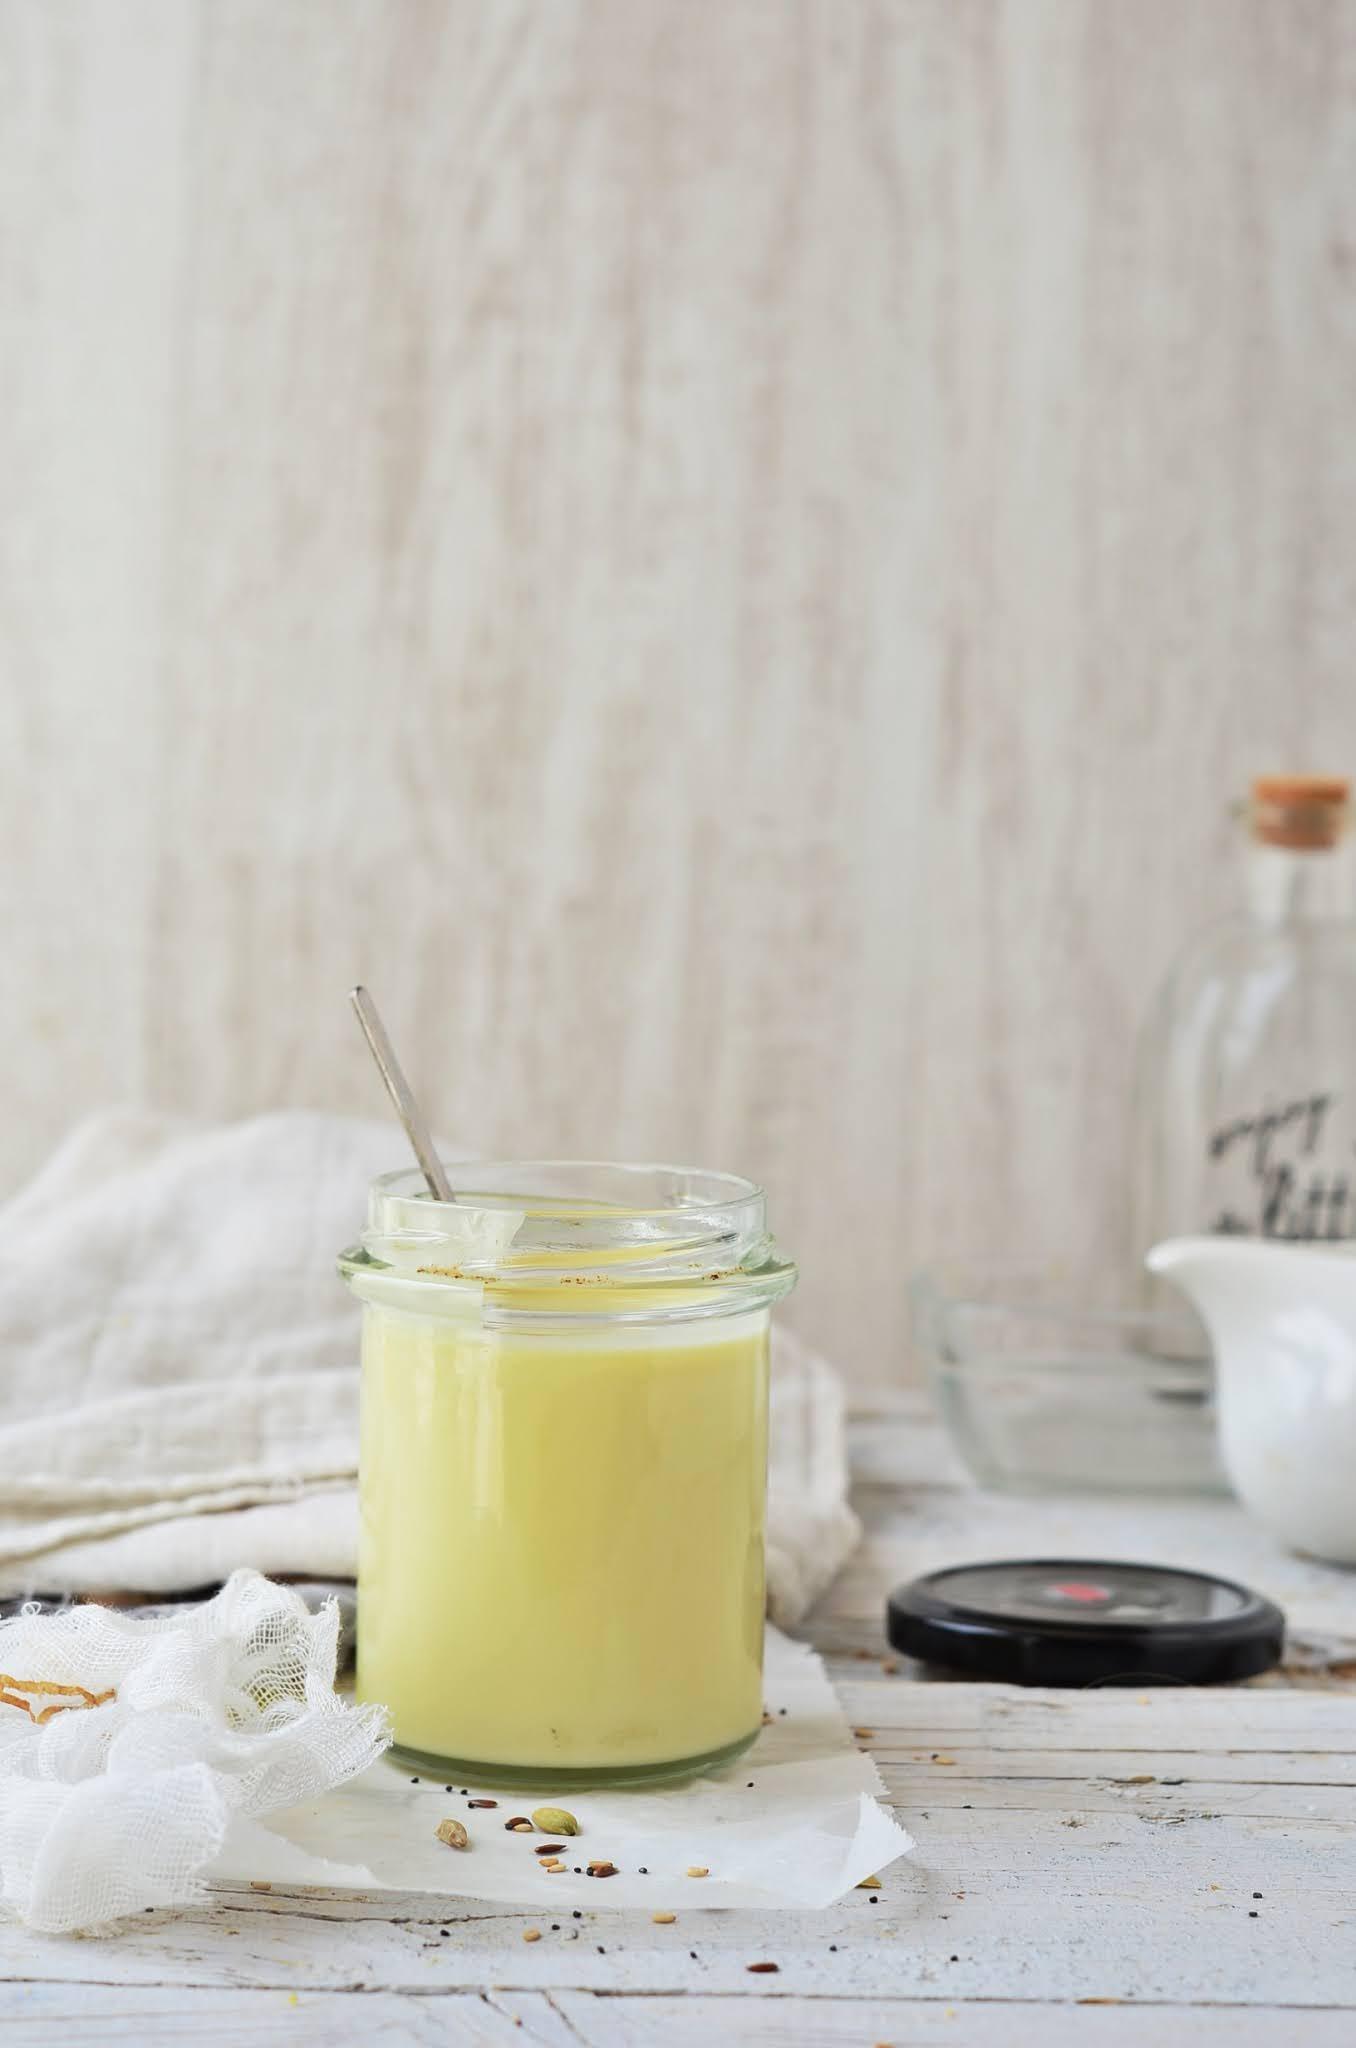 4 clases diferentes de recetas de leche condensada casera: con leche, vegana, con thermomix y con leche en polvo